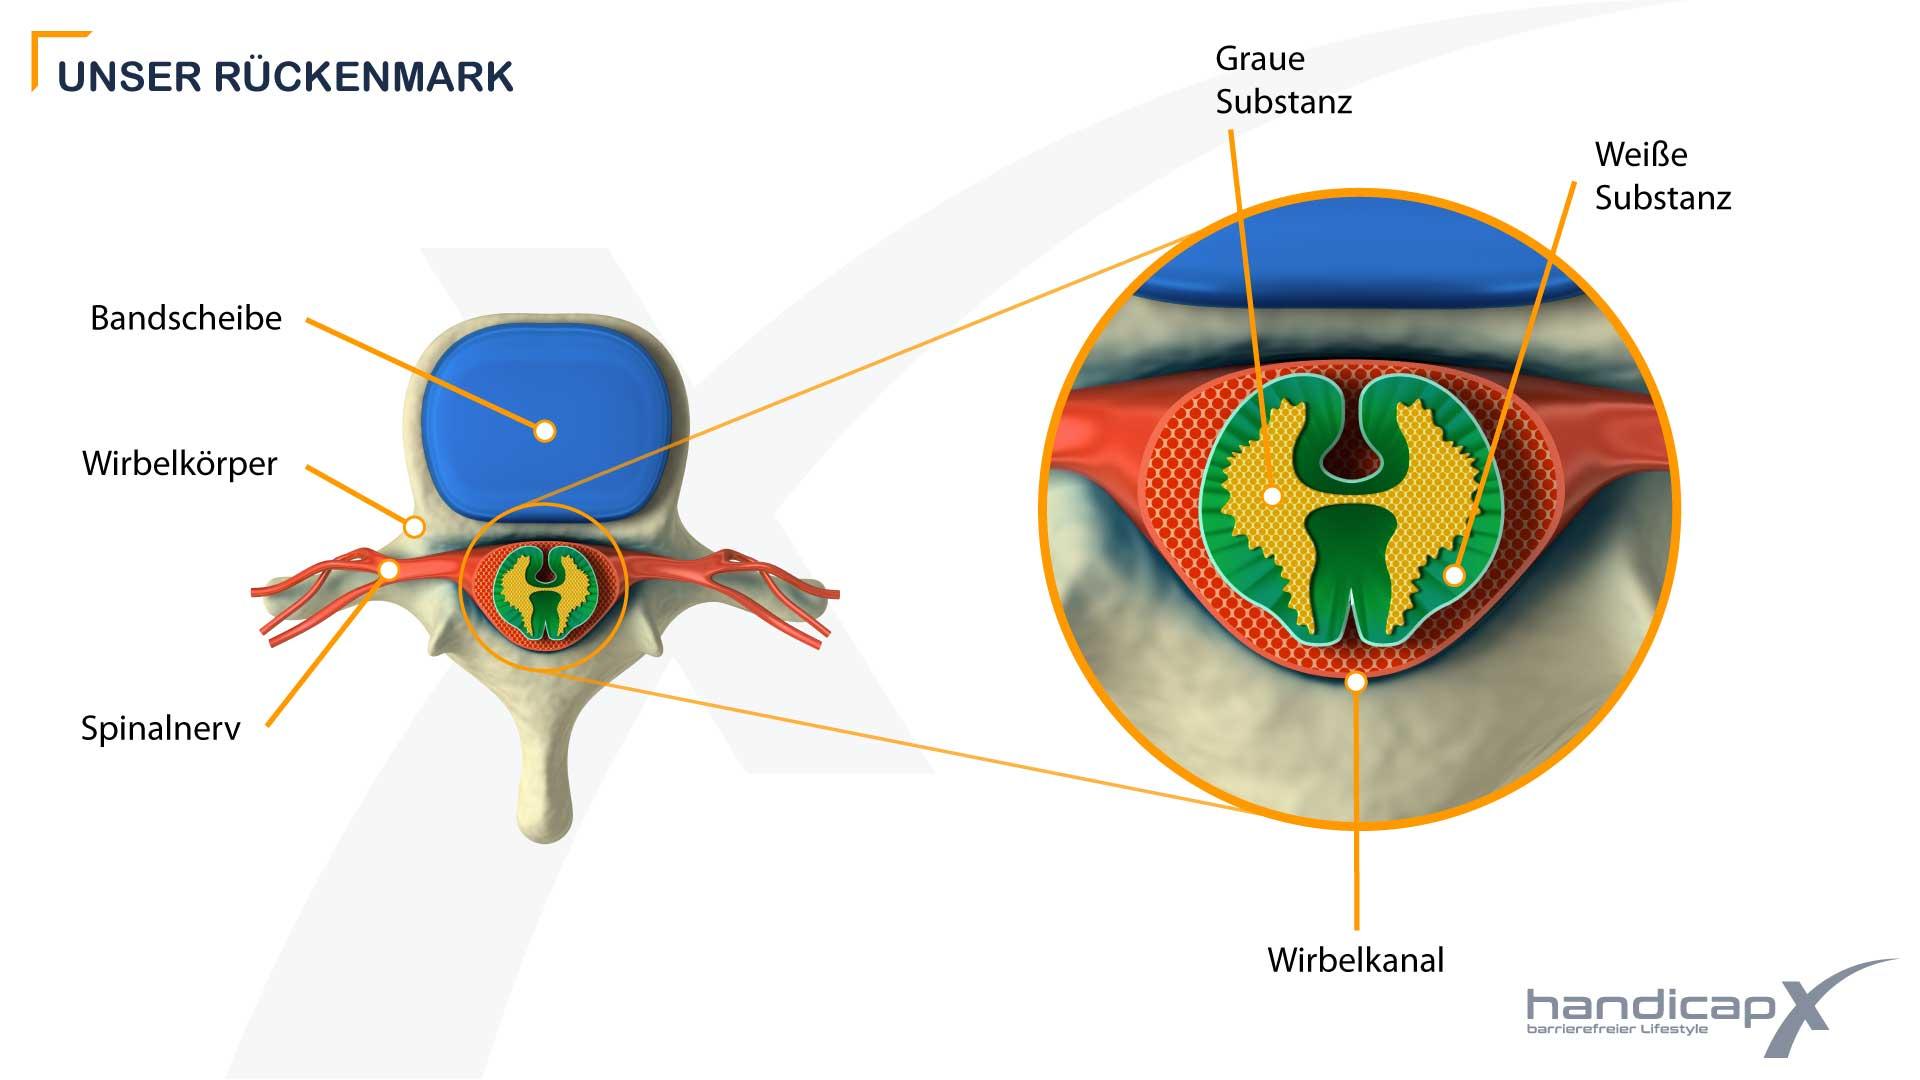 Grafik zeigt den Querschnitt eines Wirbelkörpers mit Rückenmark und Spinalnerven